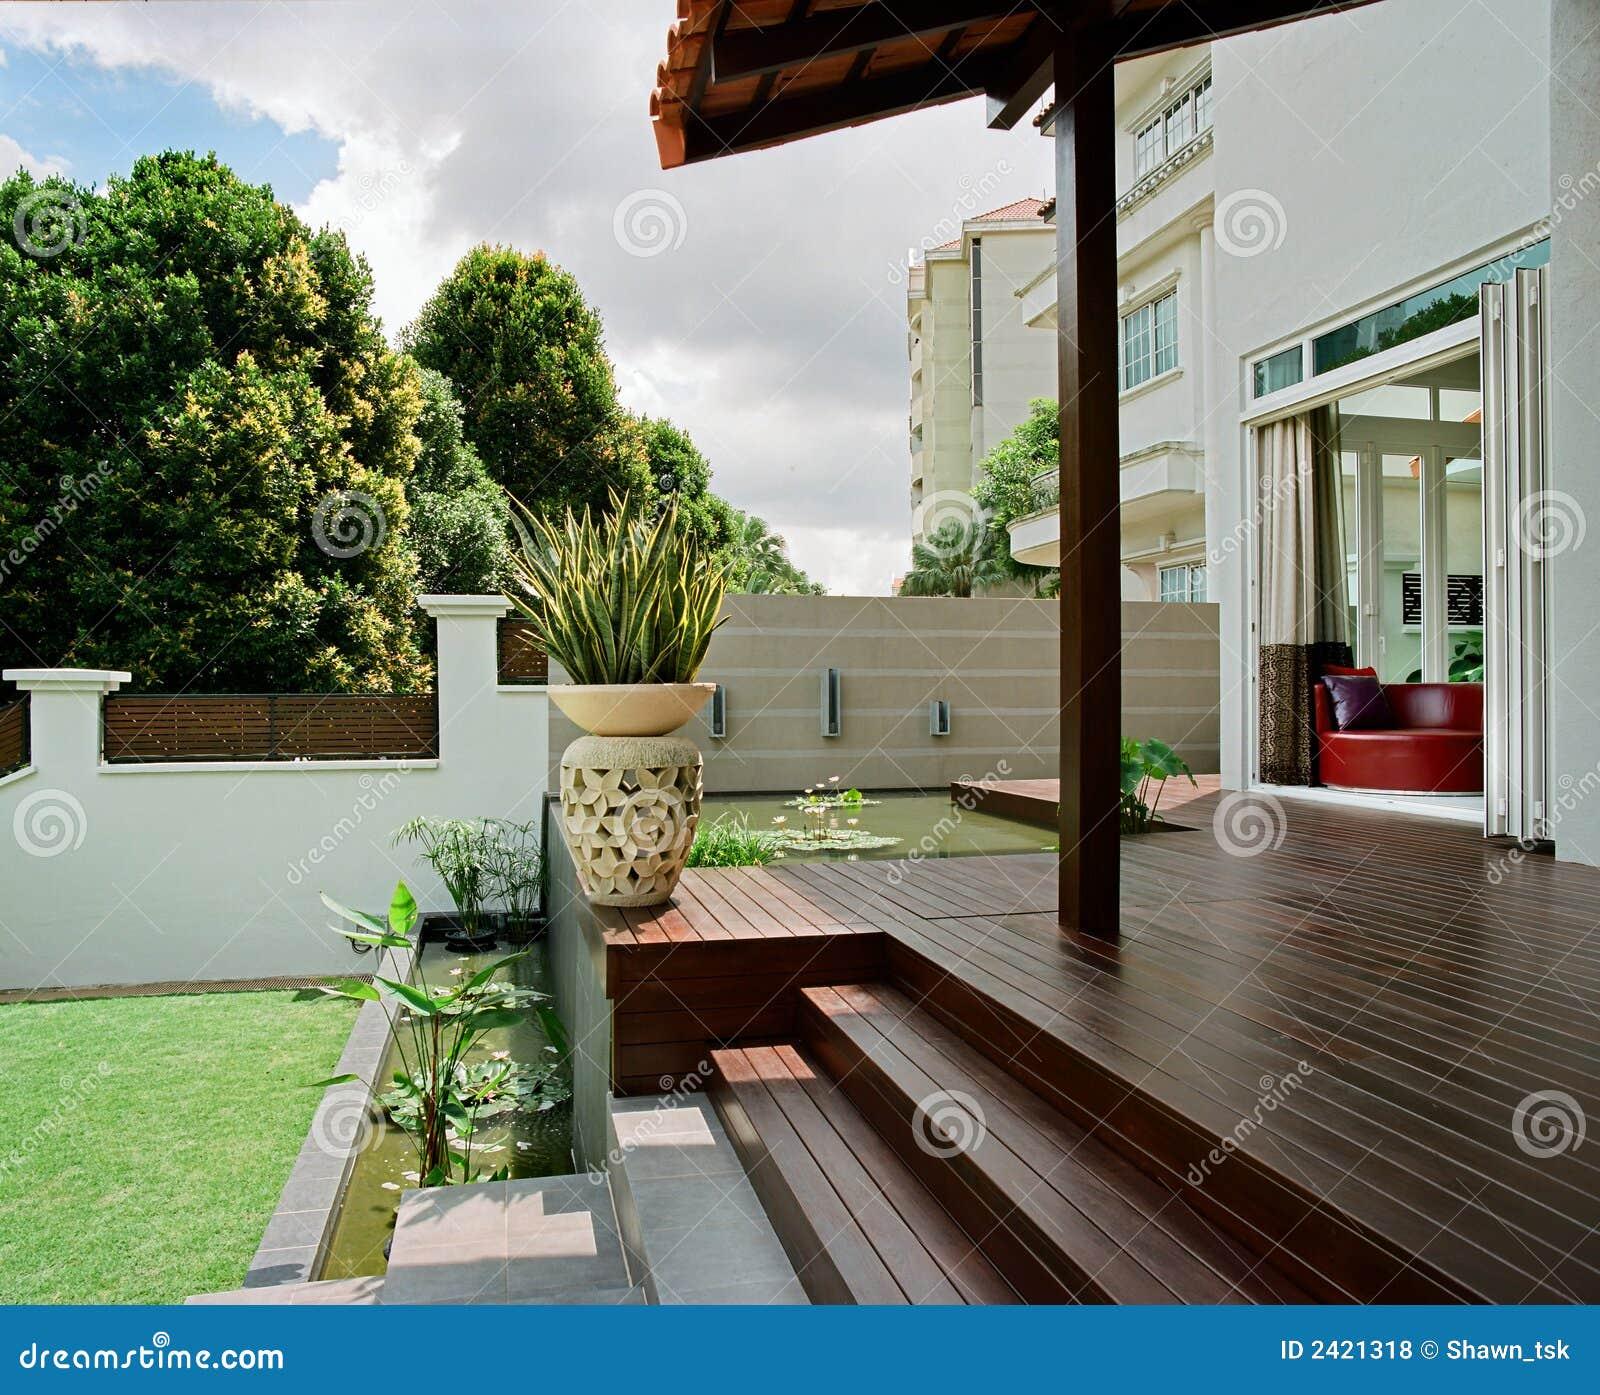 Rood geel keuken muur - Tuin ontwerp foto ...